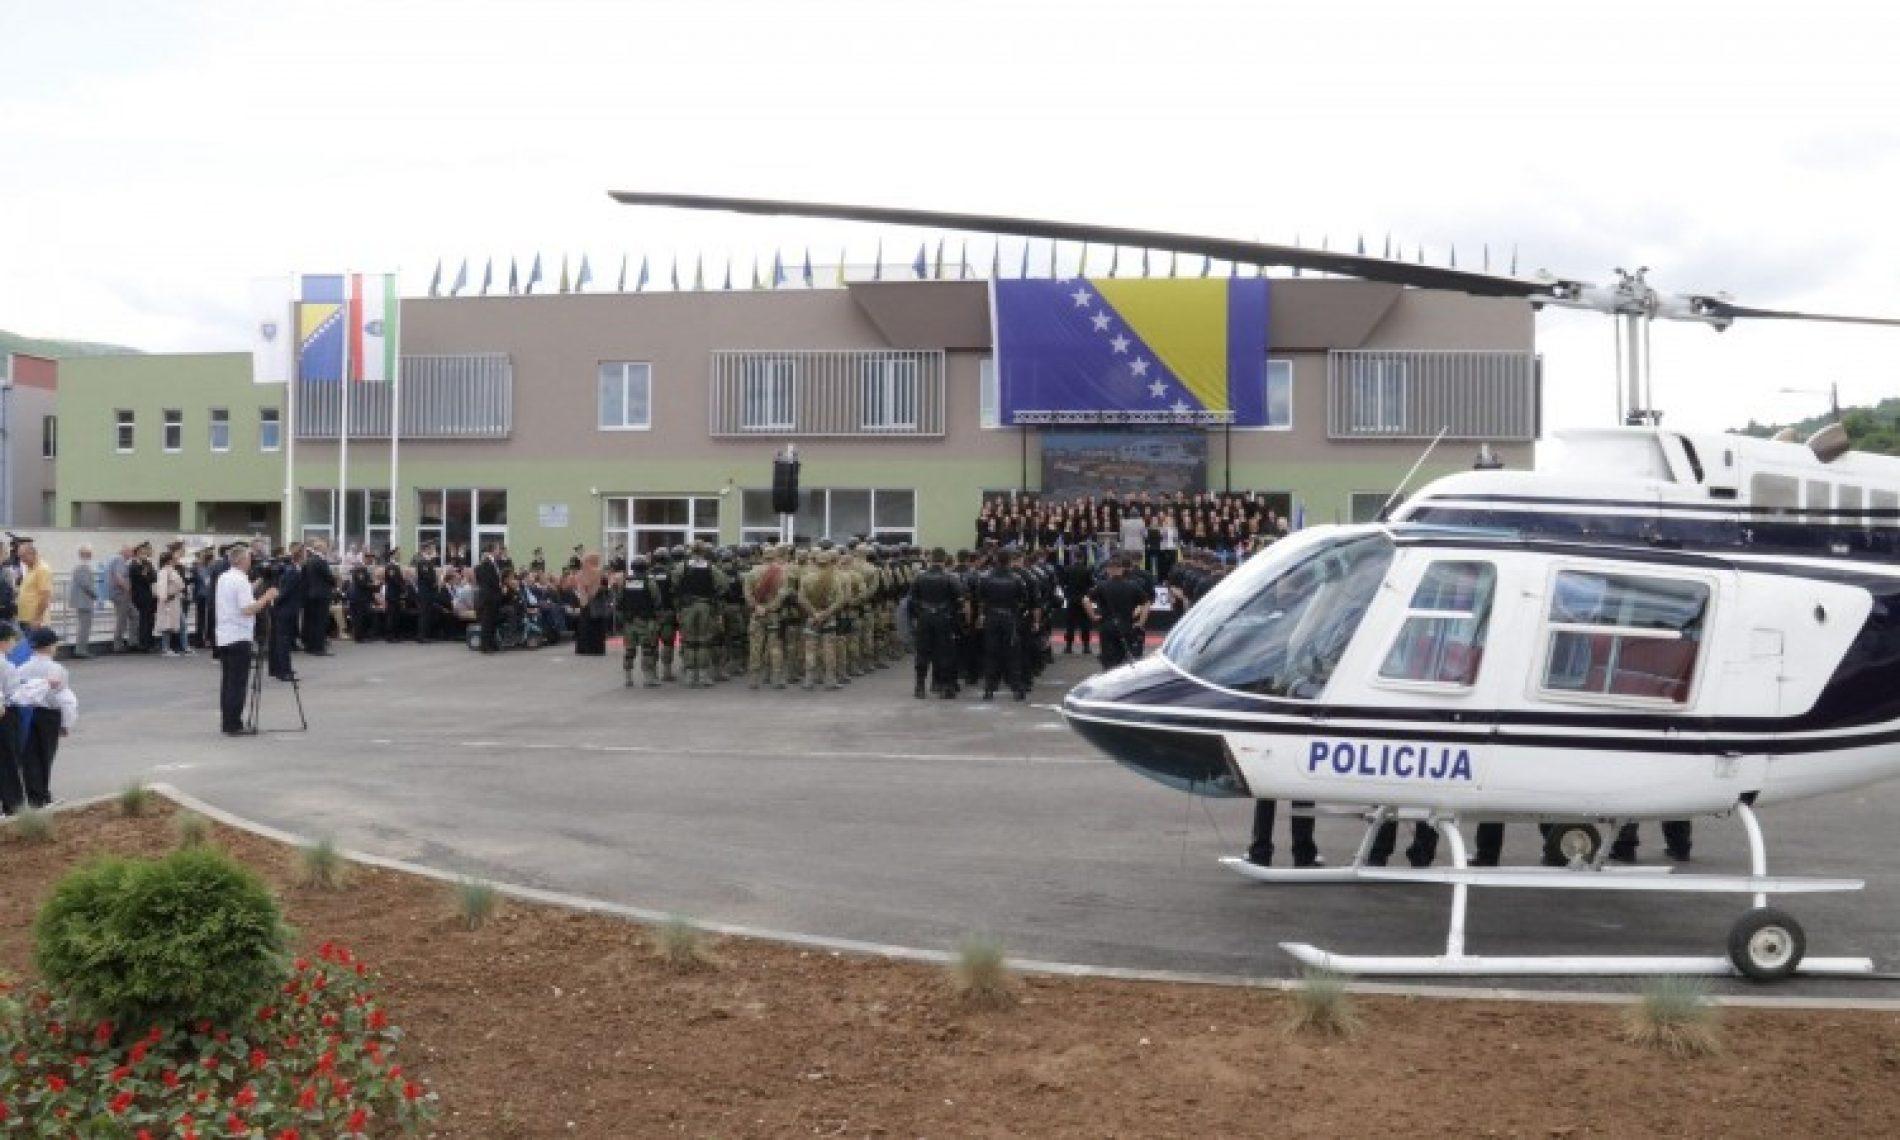 Otvoren savremeni centar za policijsku obuku vrijedan 8 miliona KM (VIDEO)